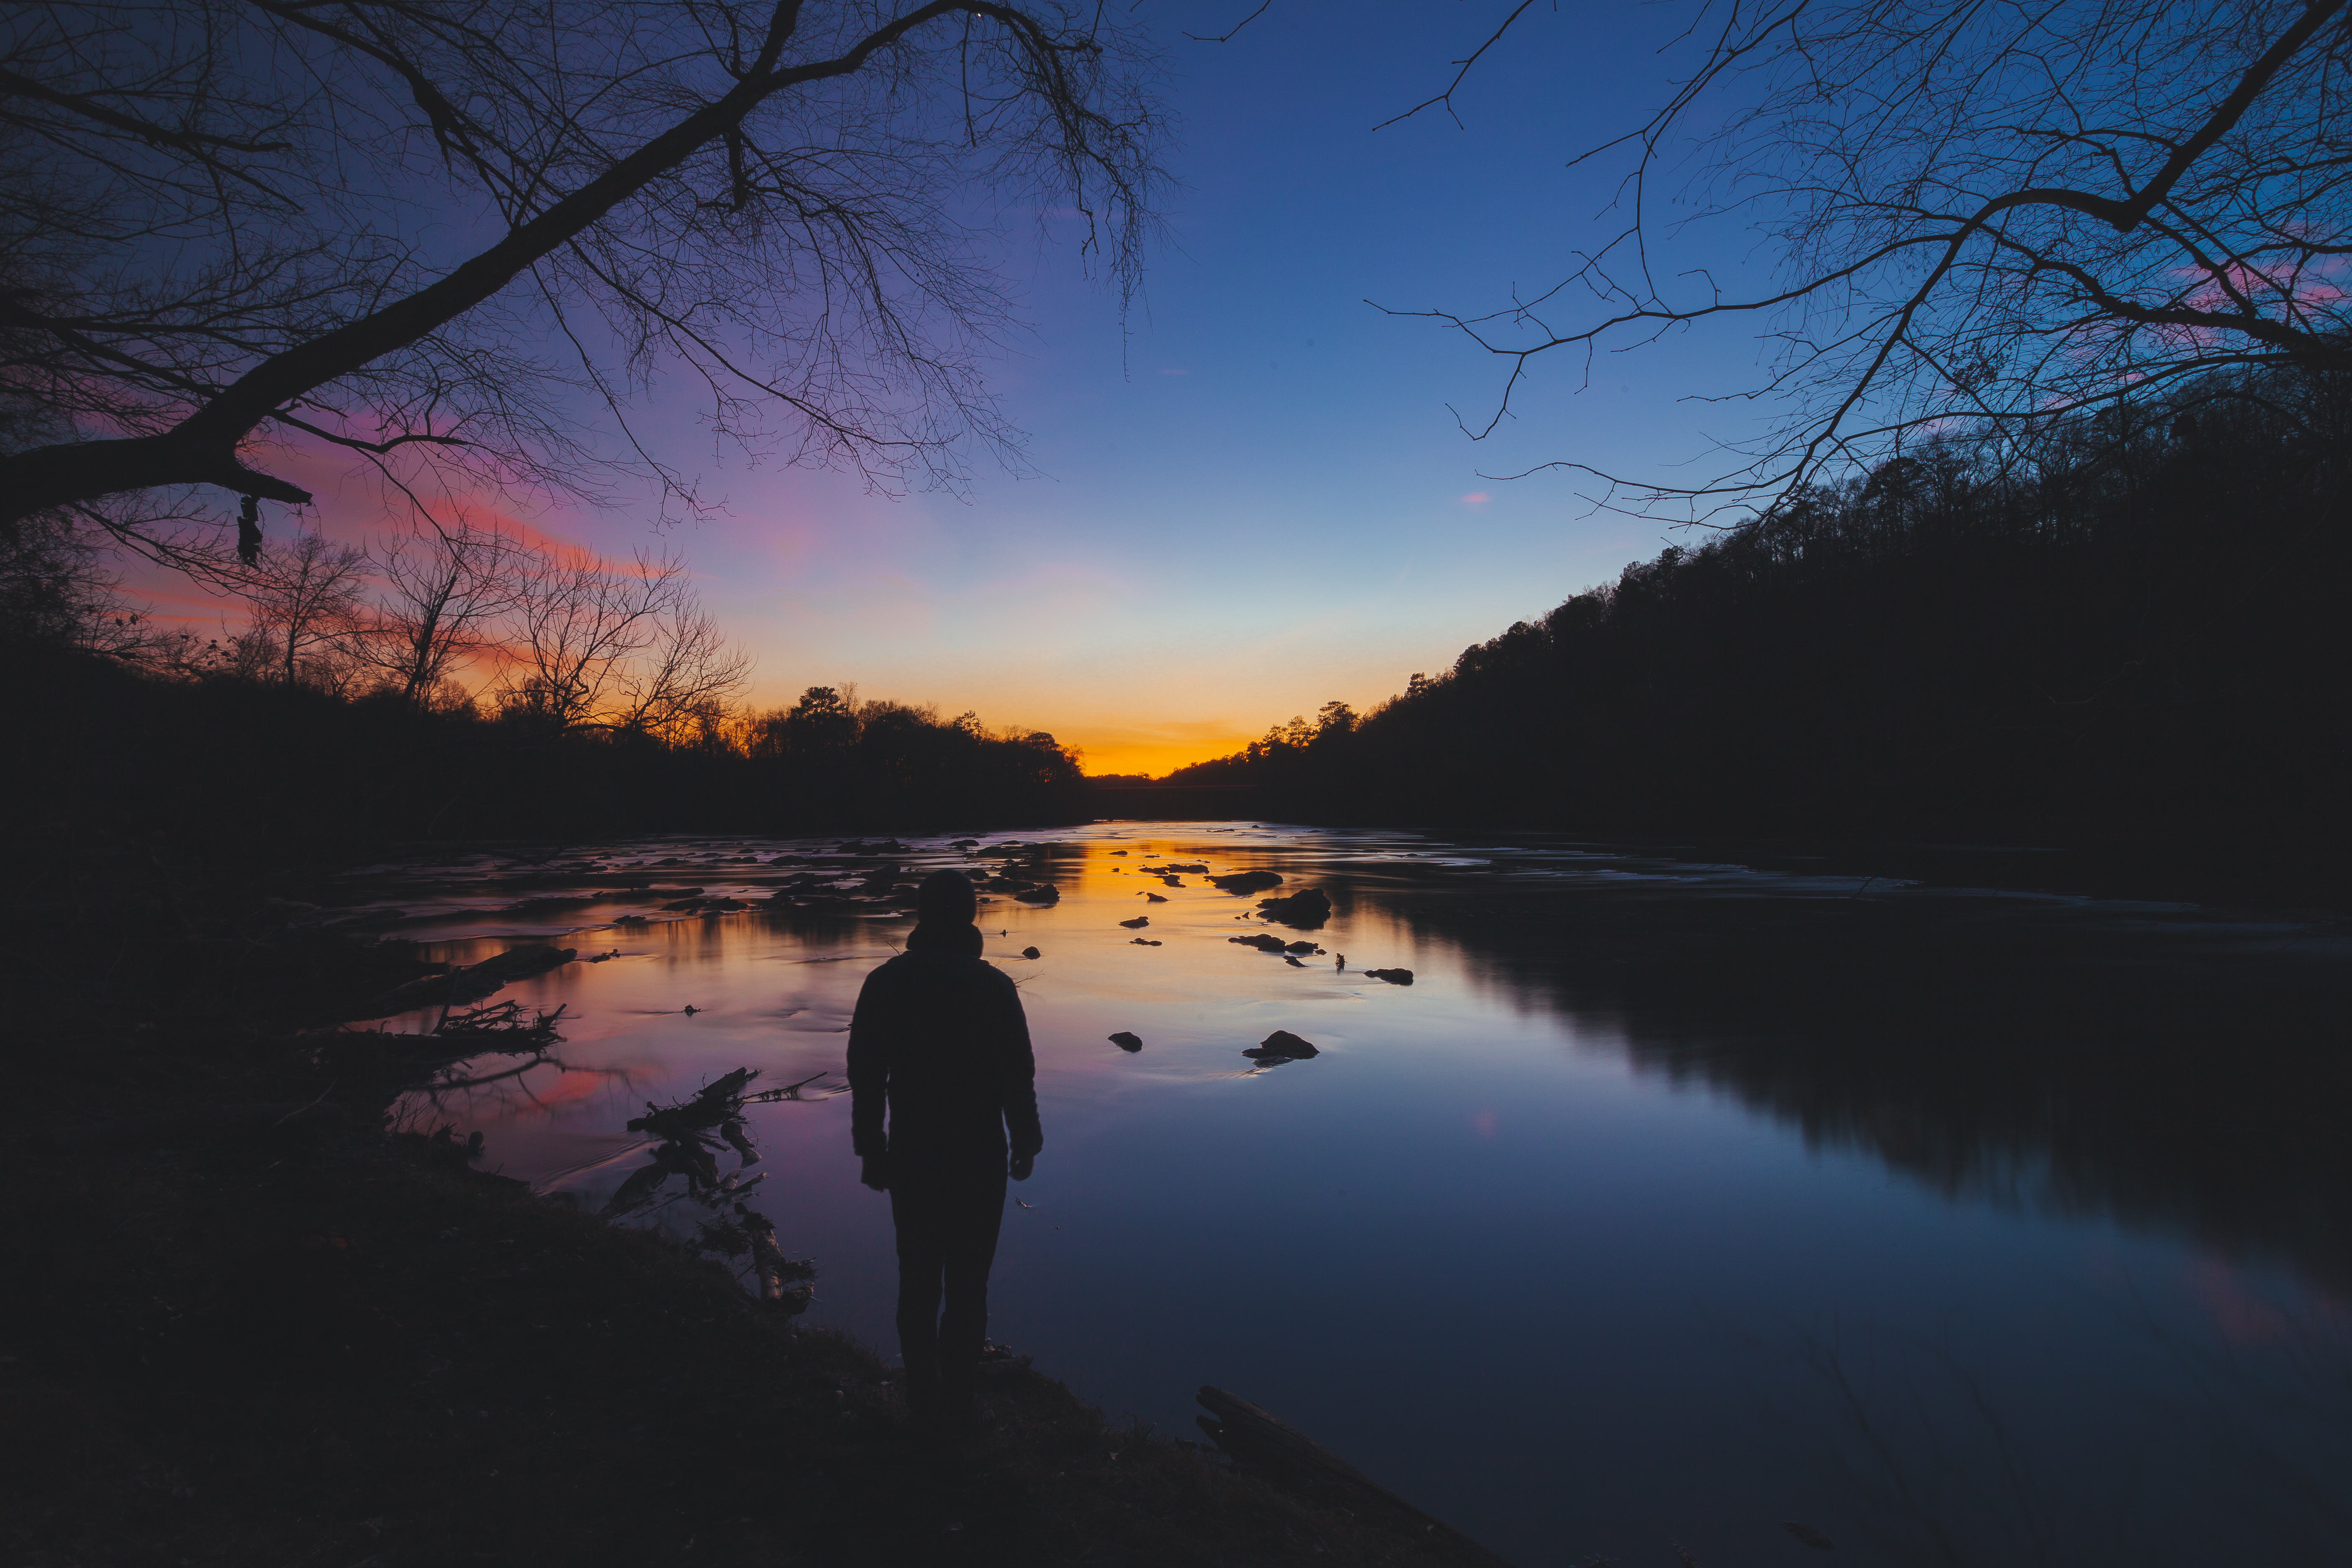 137931 Hintergrundbild 1024x600 kostenlos auf deinem Handy, lade Bilder Flüsse, Bäume, Sky, Dunkel, Silhouette, Mensch, Person, Einsamkeit, Harmonie 1024x600 auf dein Handy herunter